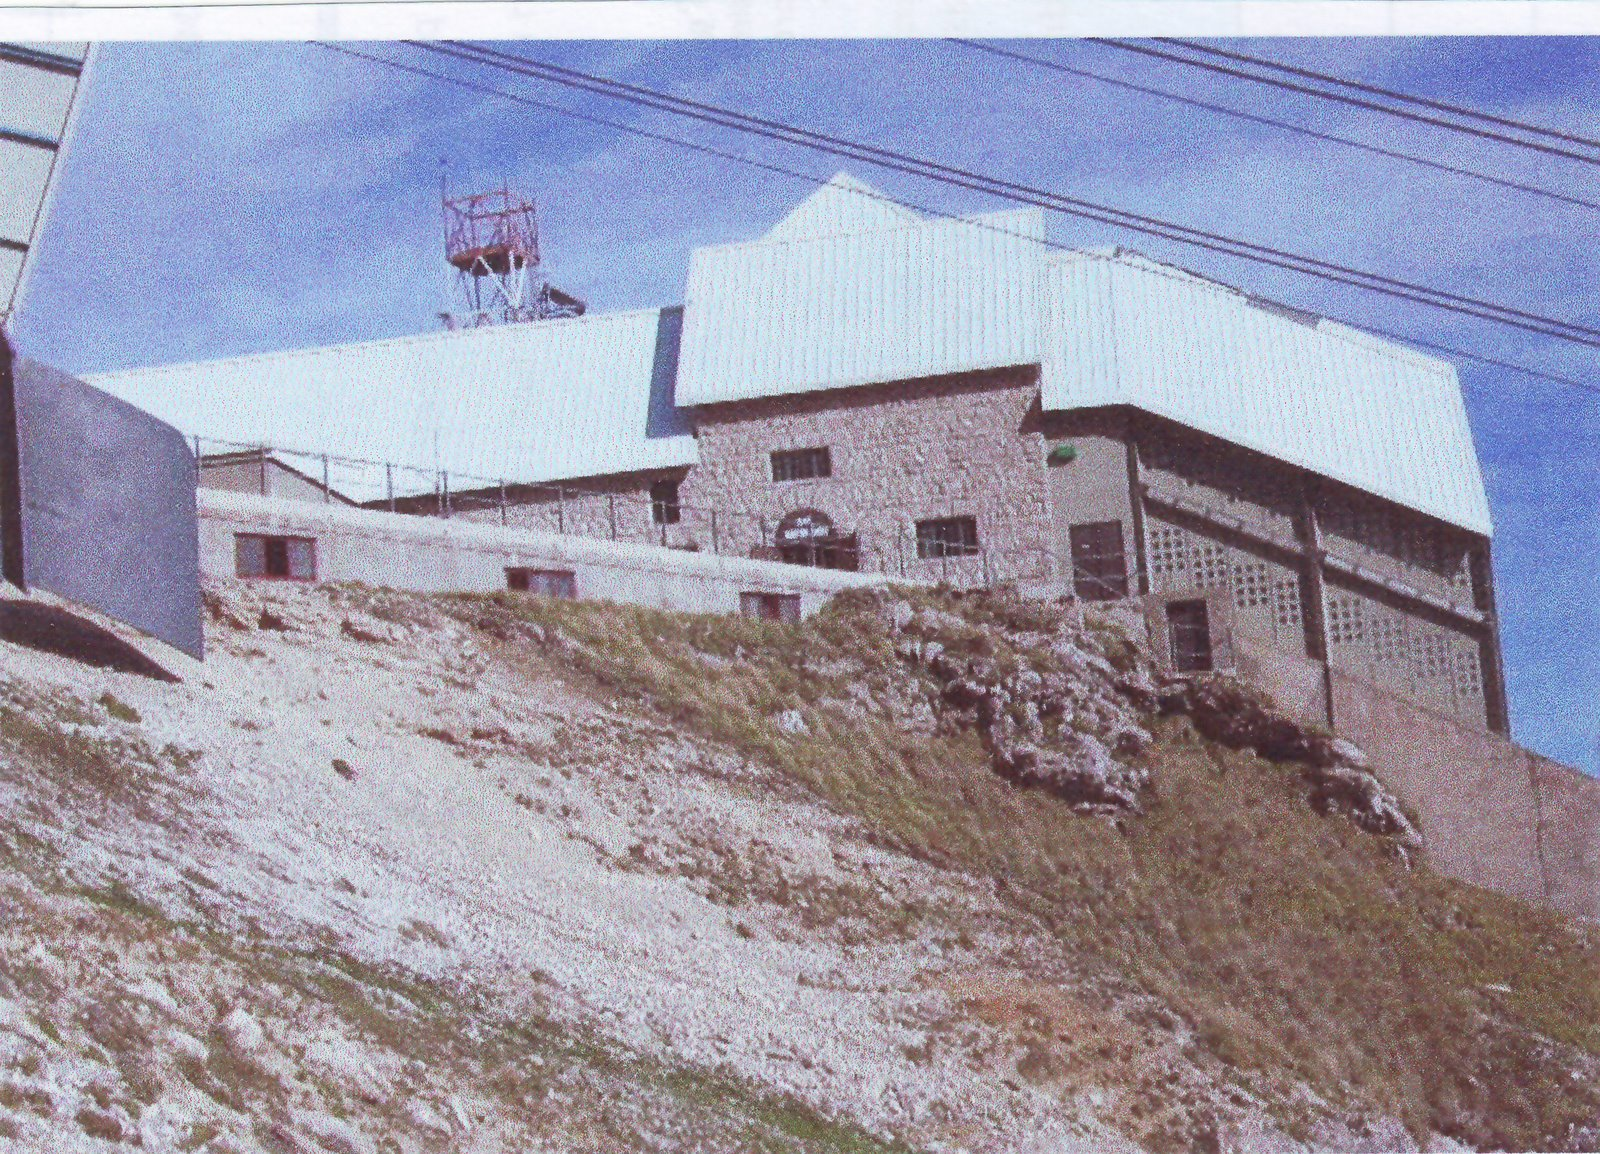 Assergi soggiorno e turismo assergi e la montagna for Cabine di cresta antler